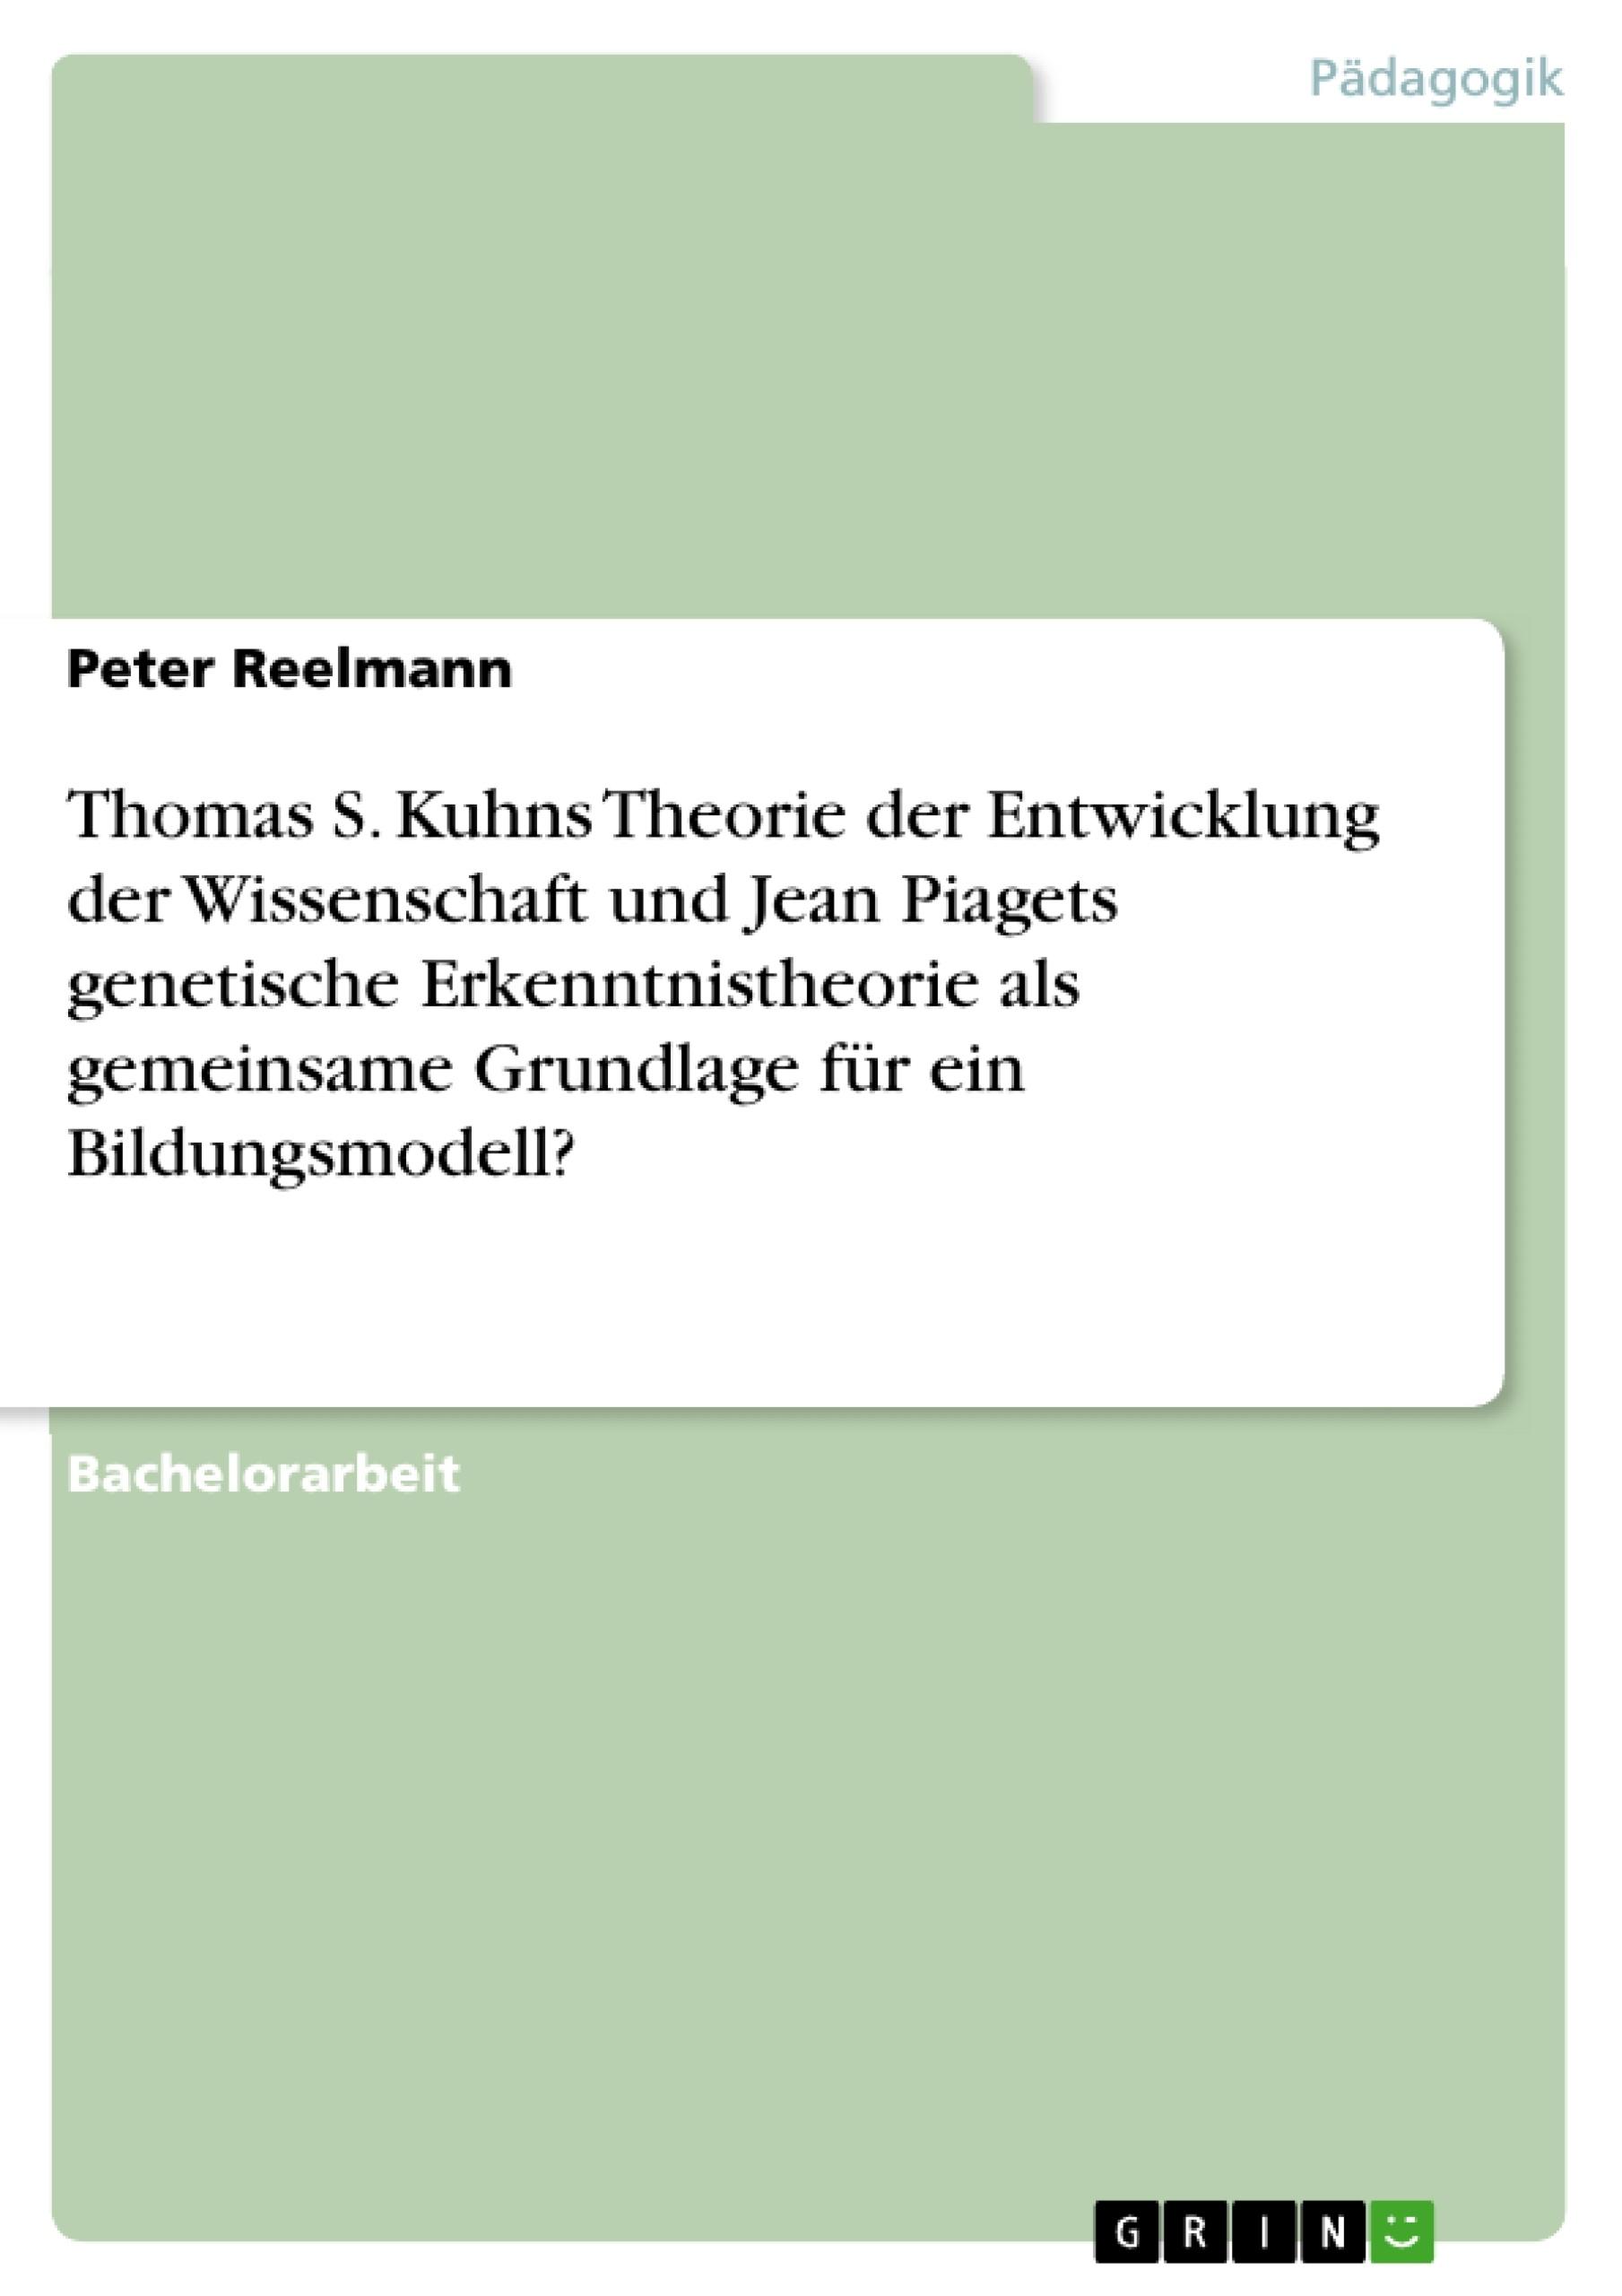 Titel: Thomas S. Kuhns Theorie der Entwicklung der Wissenschaft und Jean Piagets genetische Erkenntnistheorie als gemeinsame Grundlage für ein Bildungsmodell?